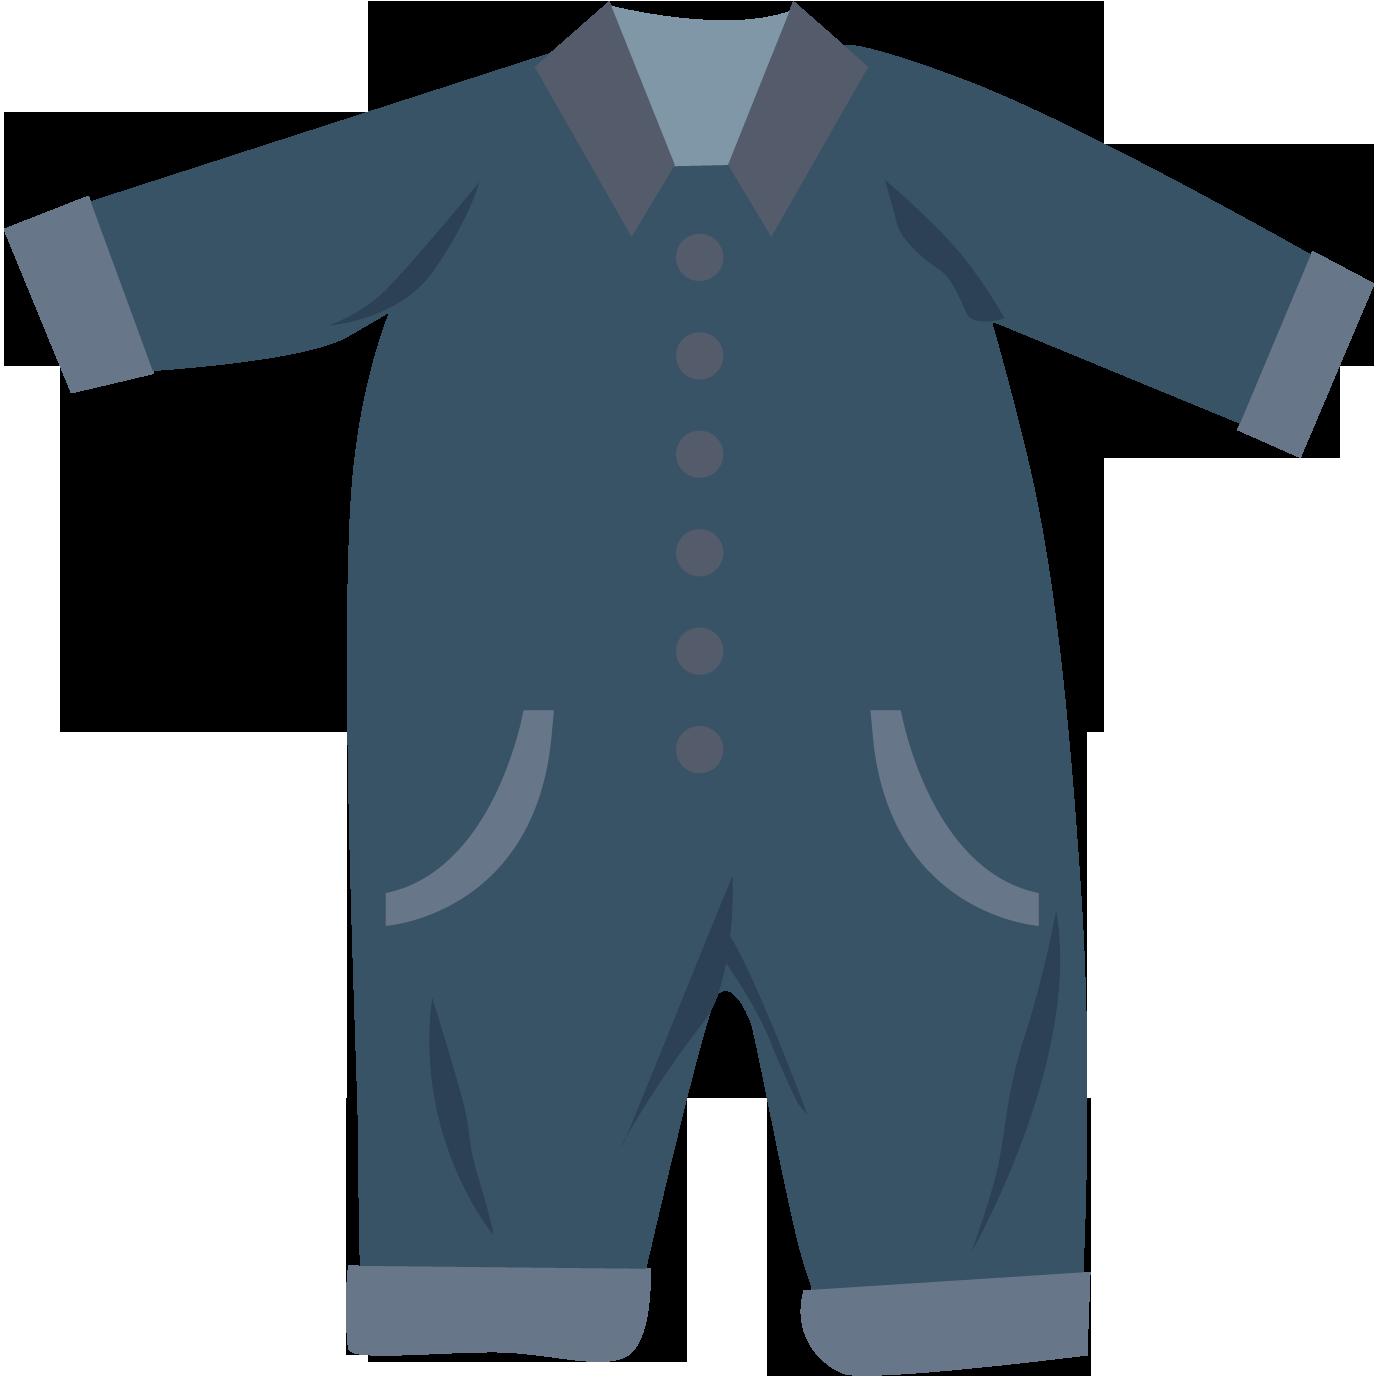 子供服、ベビー服のイラスト・フリー素材 ダウンロード08【素材っち】